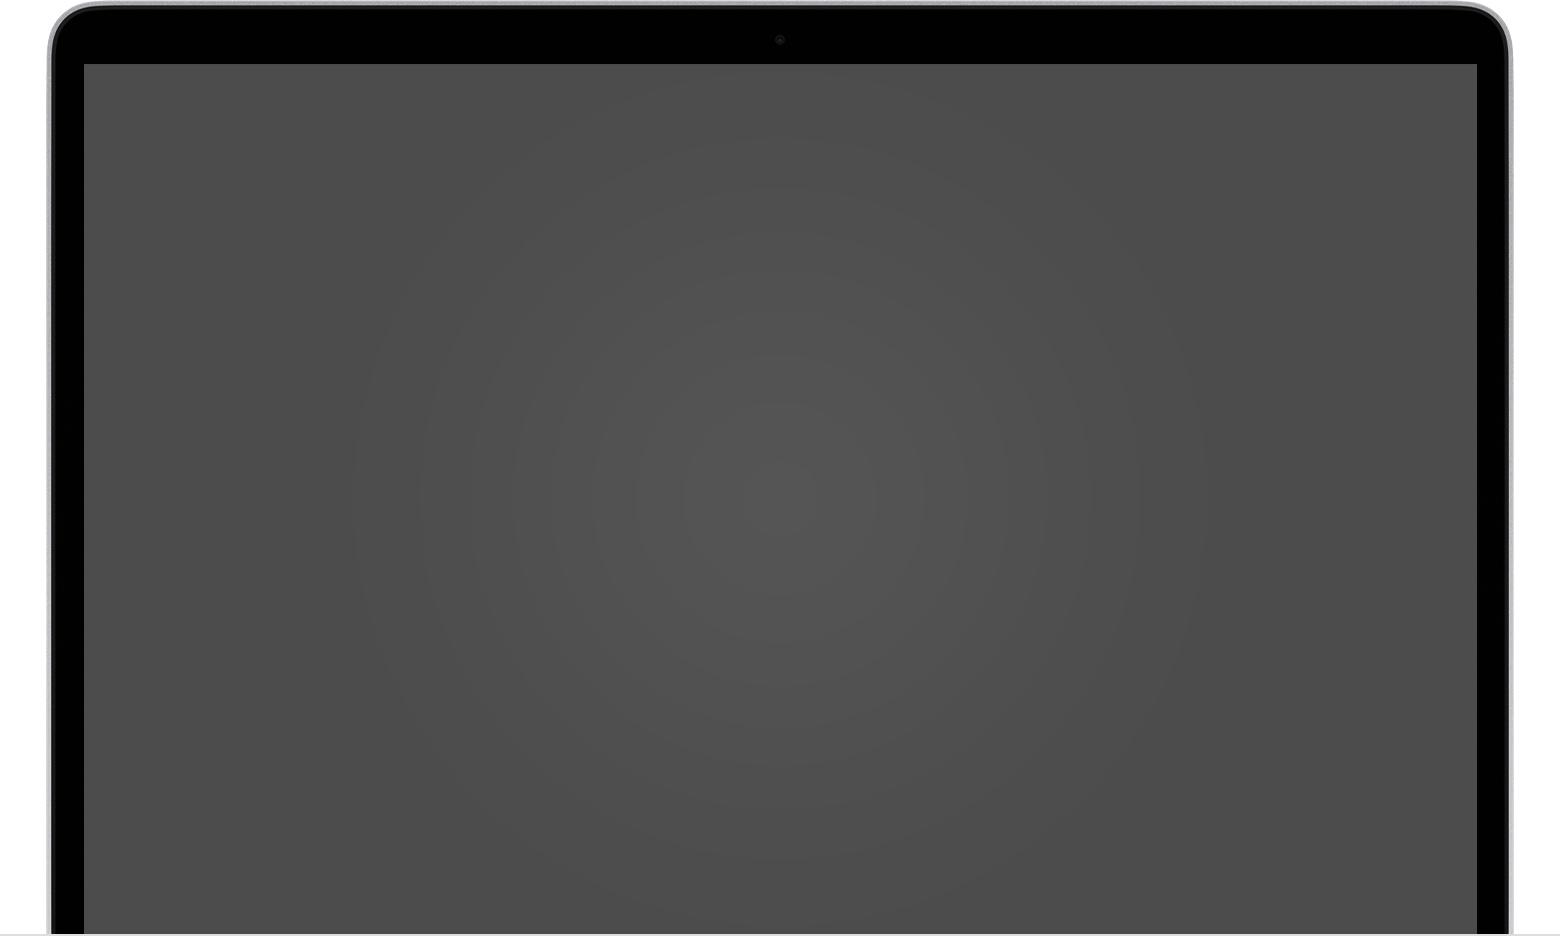 Free 5000+ macos app icons in the style of macos monterey, big sur. Wenn Dein Mac Nicht Vollstandig Startet Apple Support De